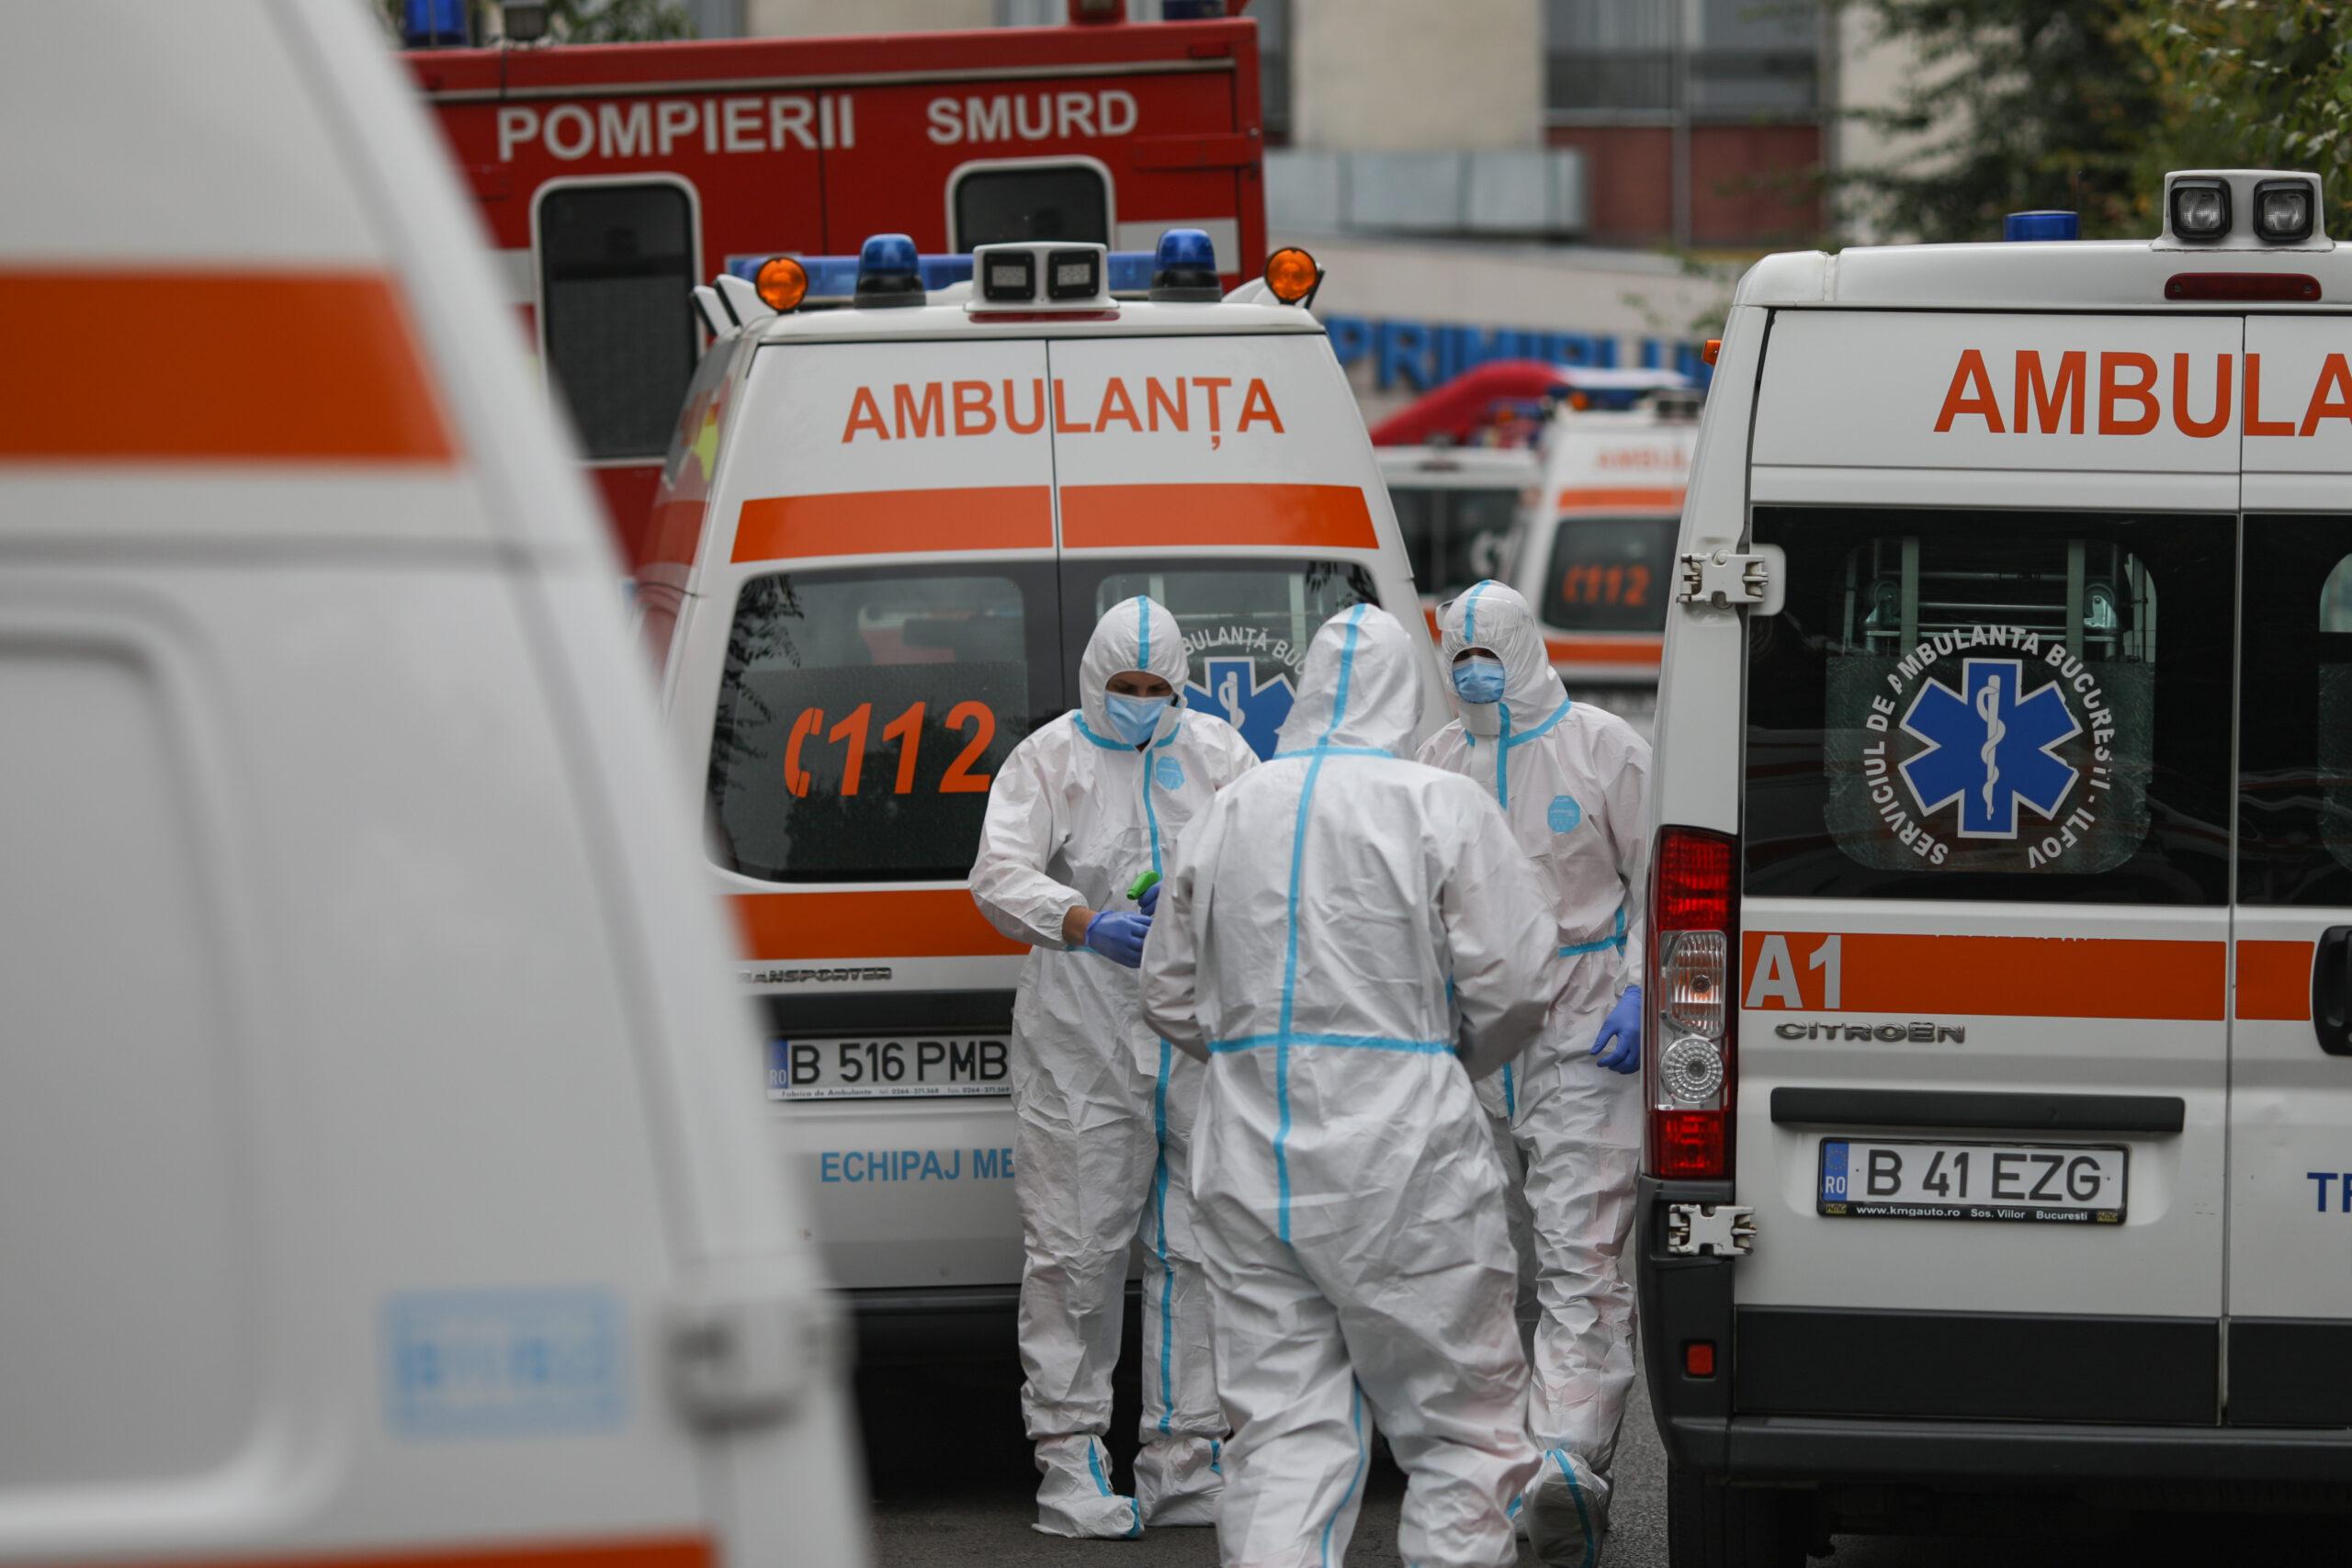 Decizie fără precedent: Organizaţia Mondială a Sănătăţii a trimis la Bucureşti un expert pentru a rezolva criza COVID19